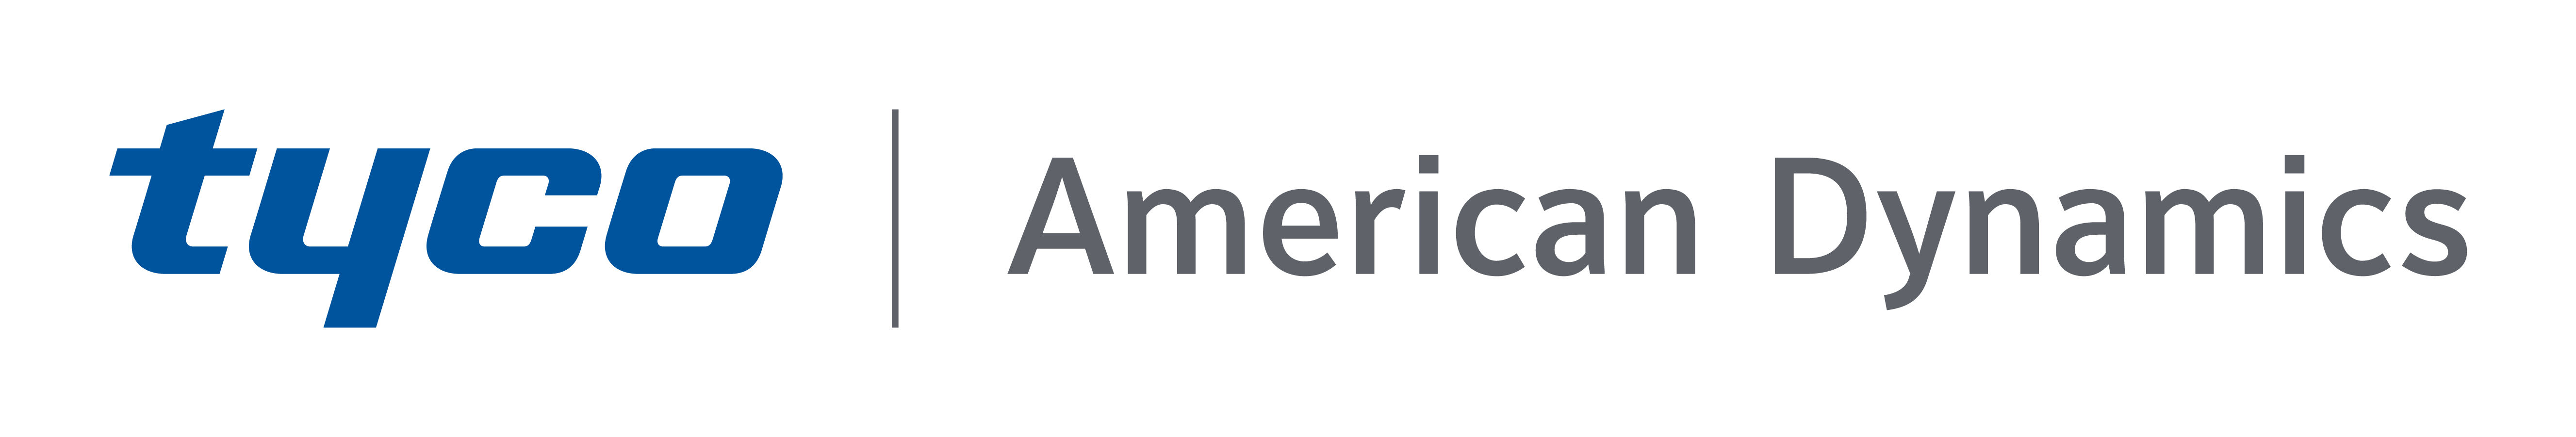 american dynamic